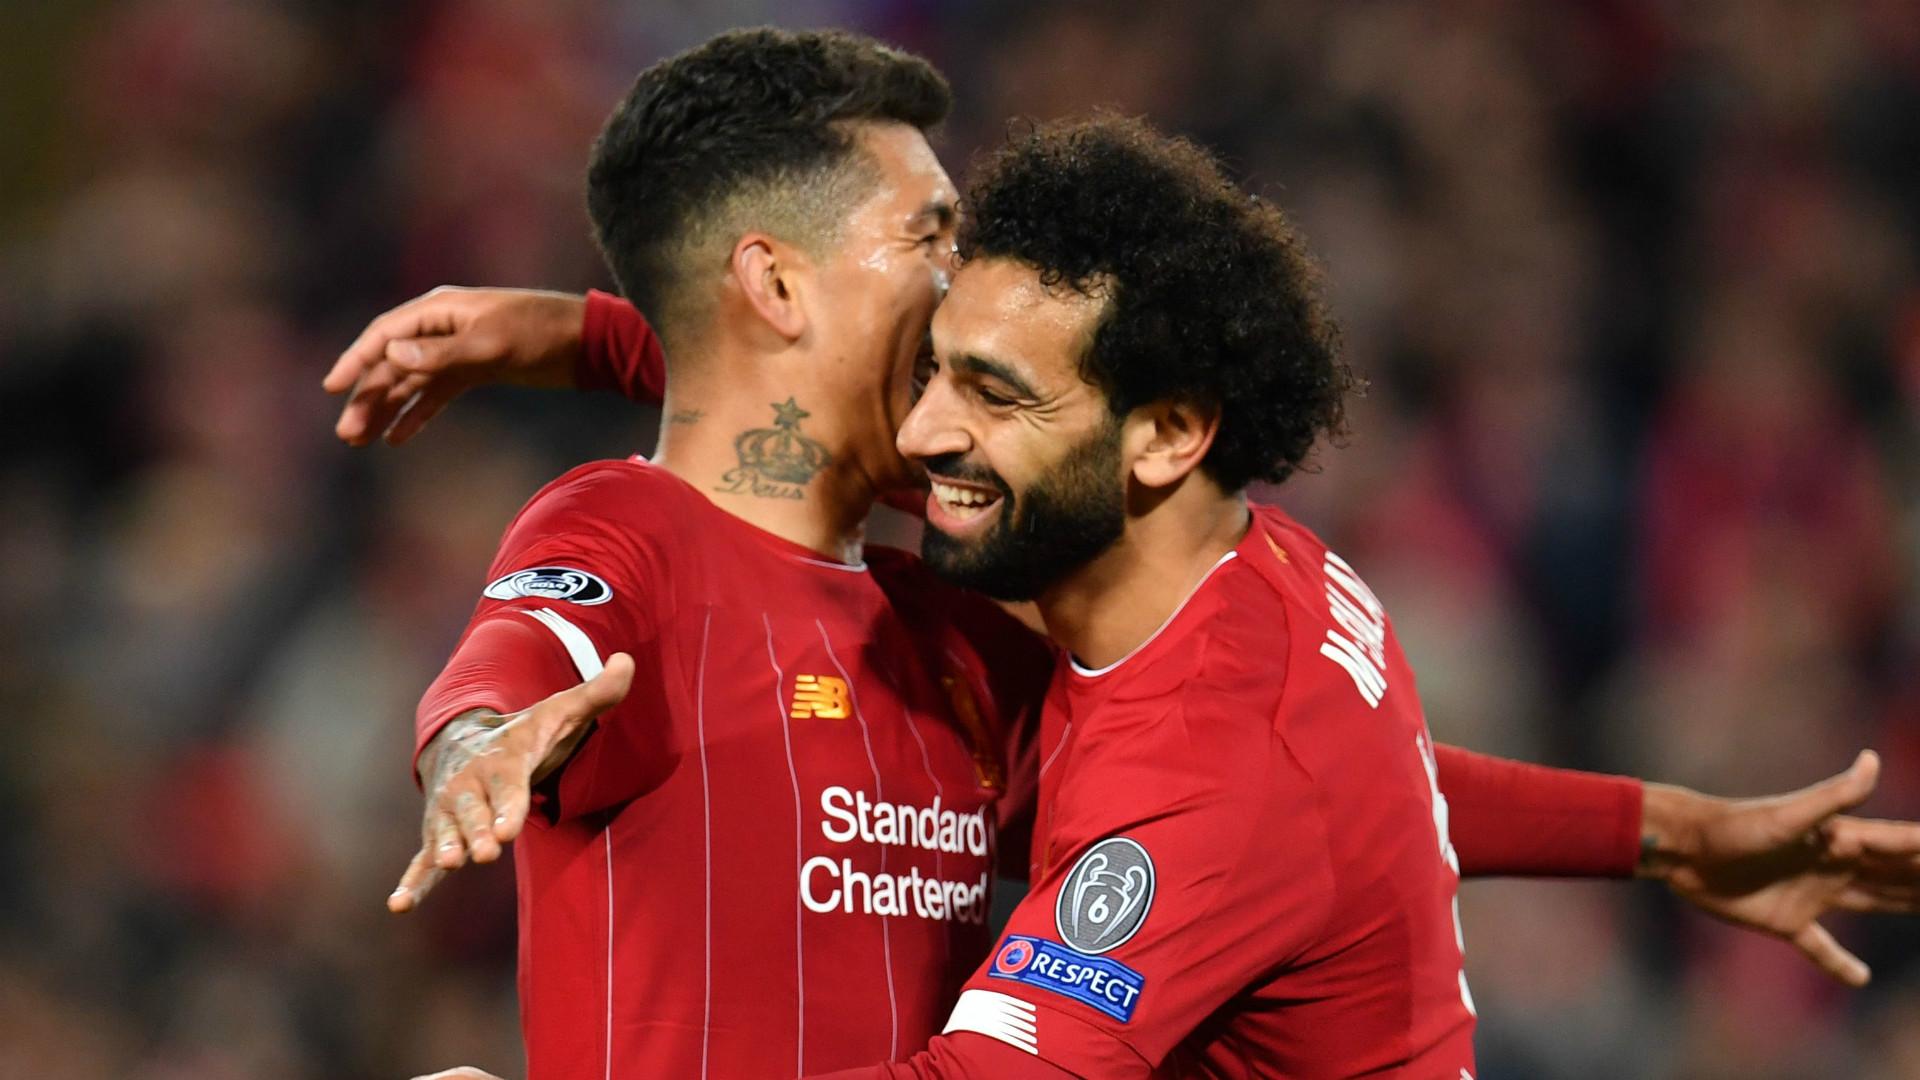 Cantos de Liverpool: letras y videos de las canciones más populares de Anfield 16